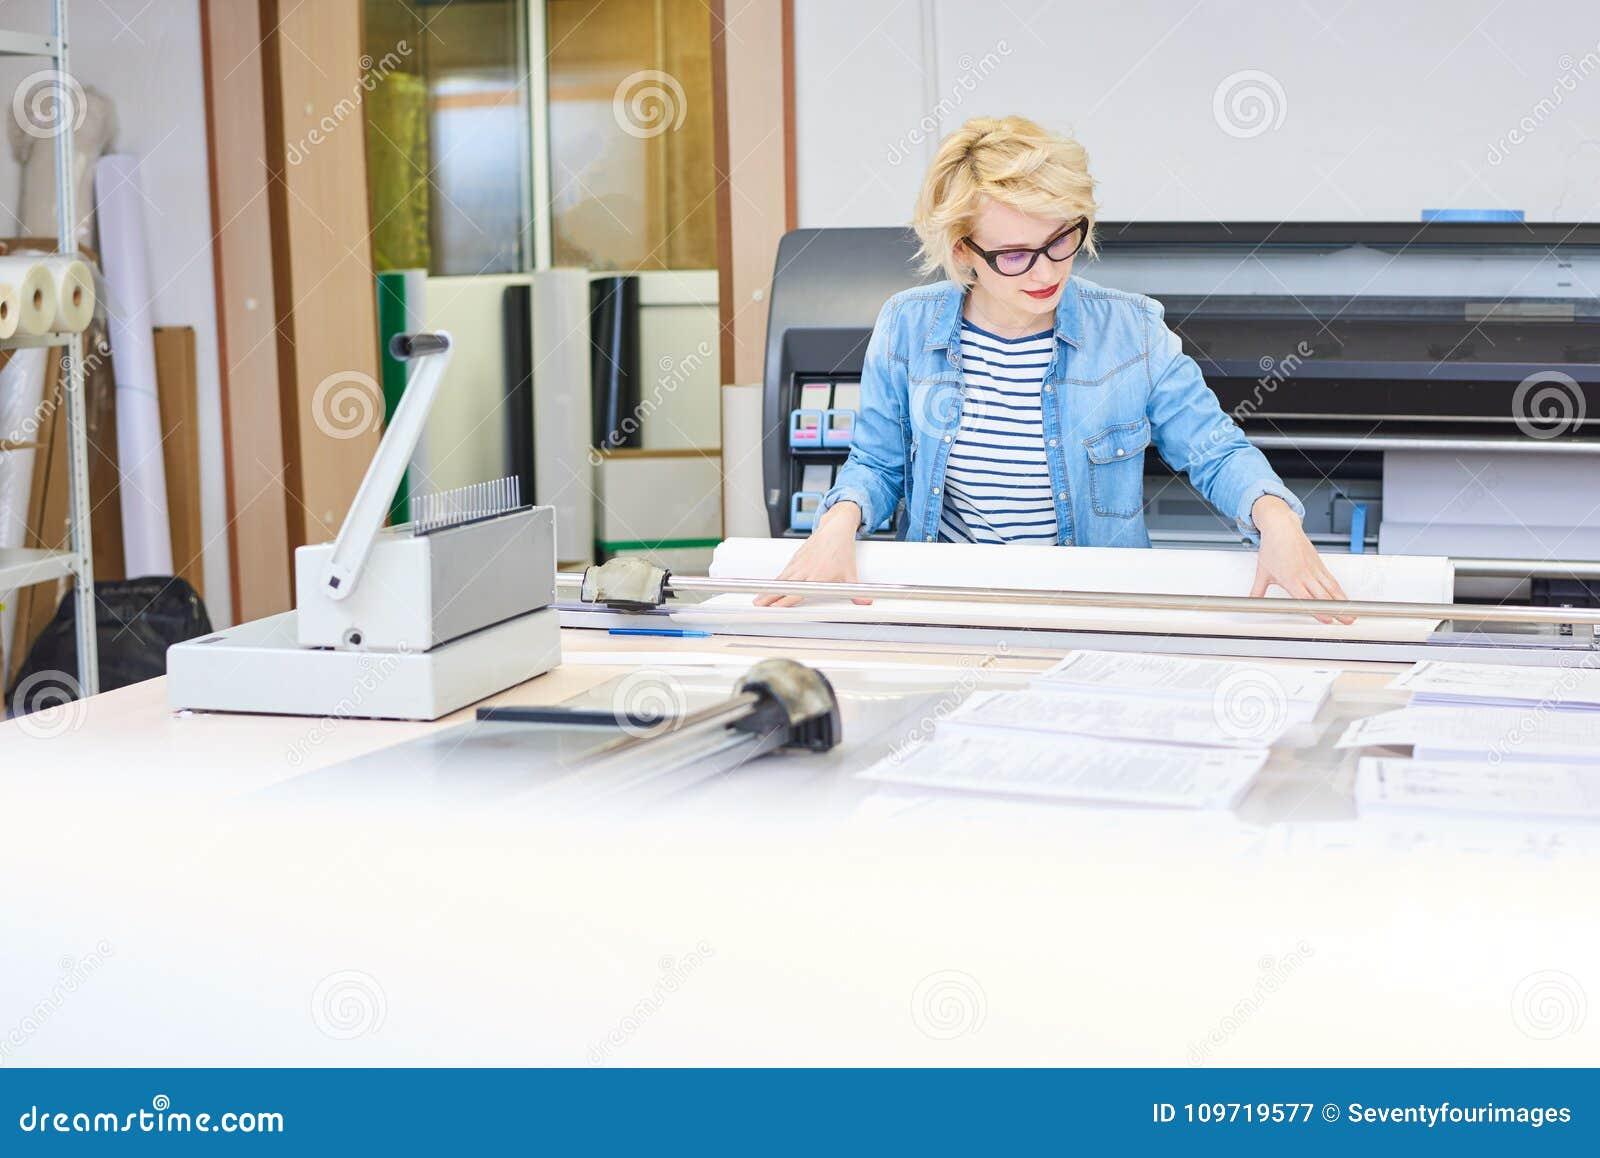 Junge Frau, die in der Druckerei arbeitet